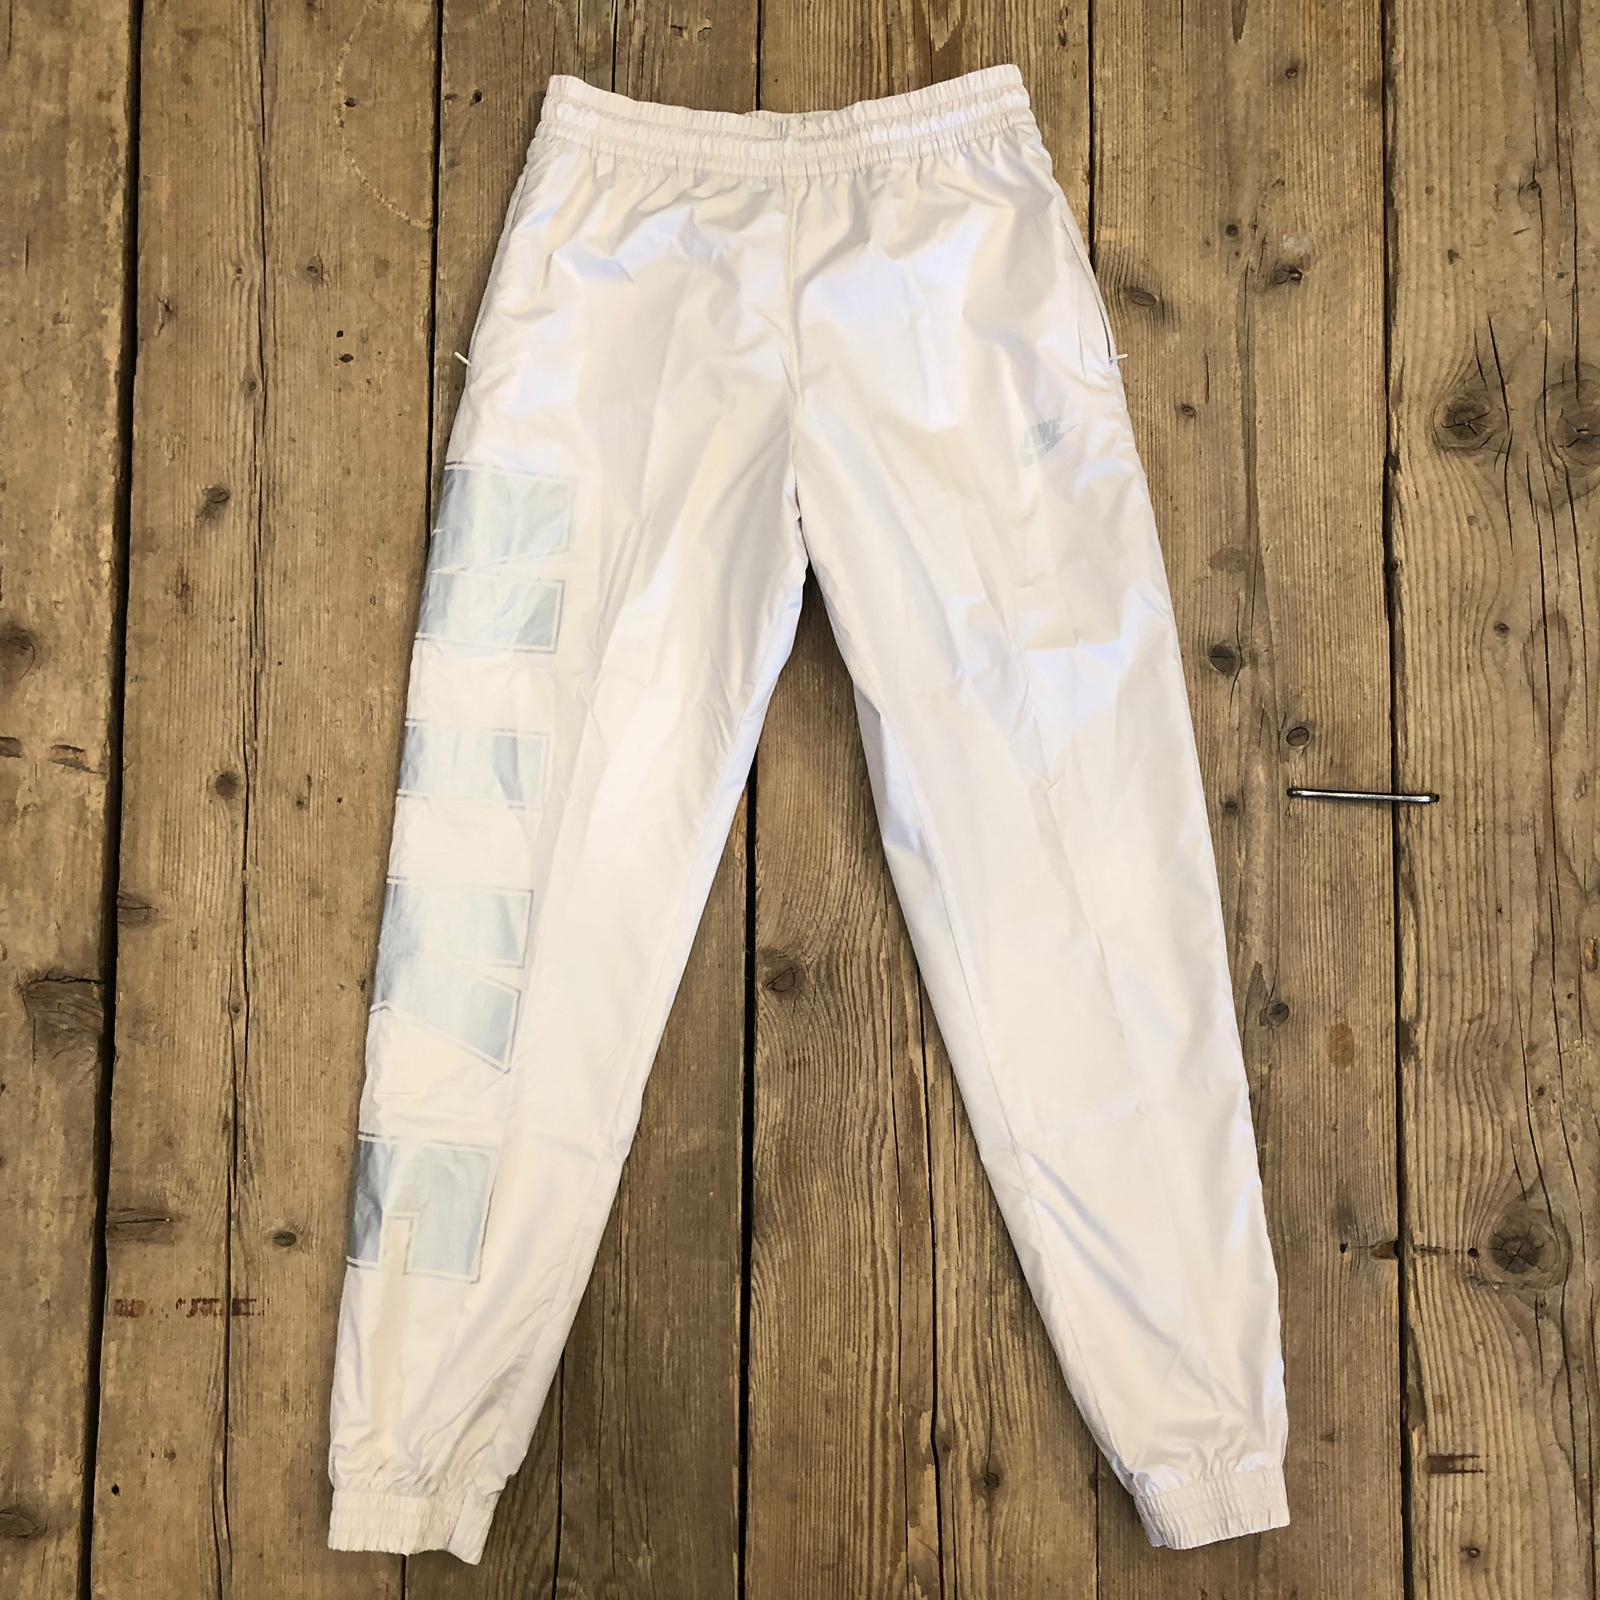 Pantalone Nike in Tessuto Woven Panna/Argento